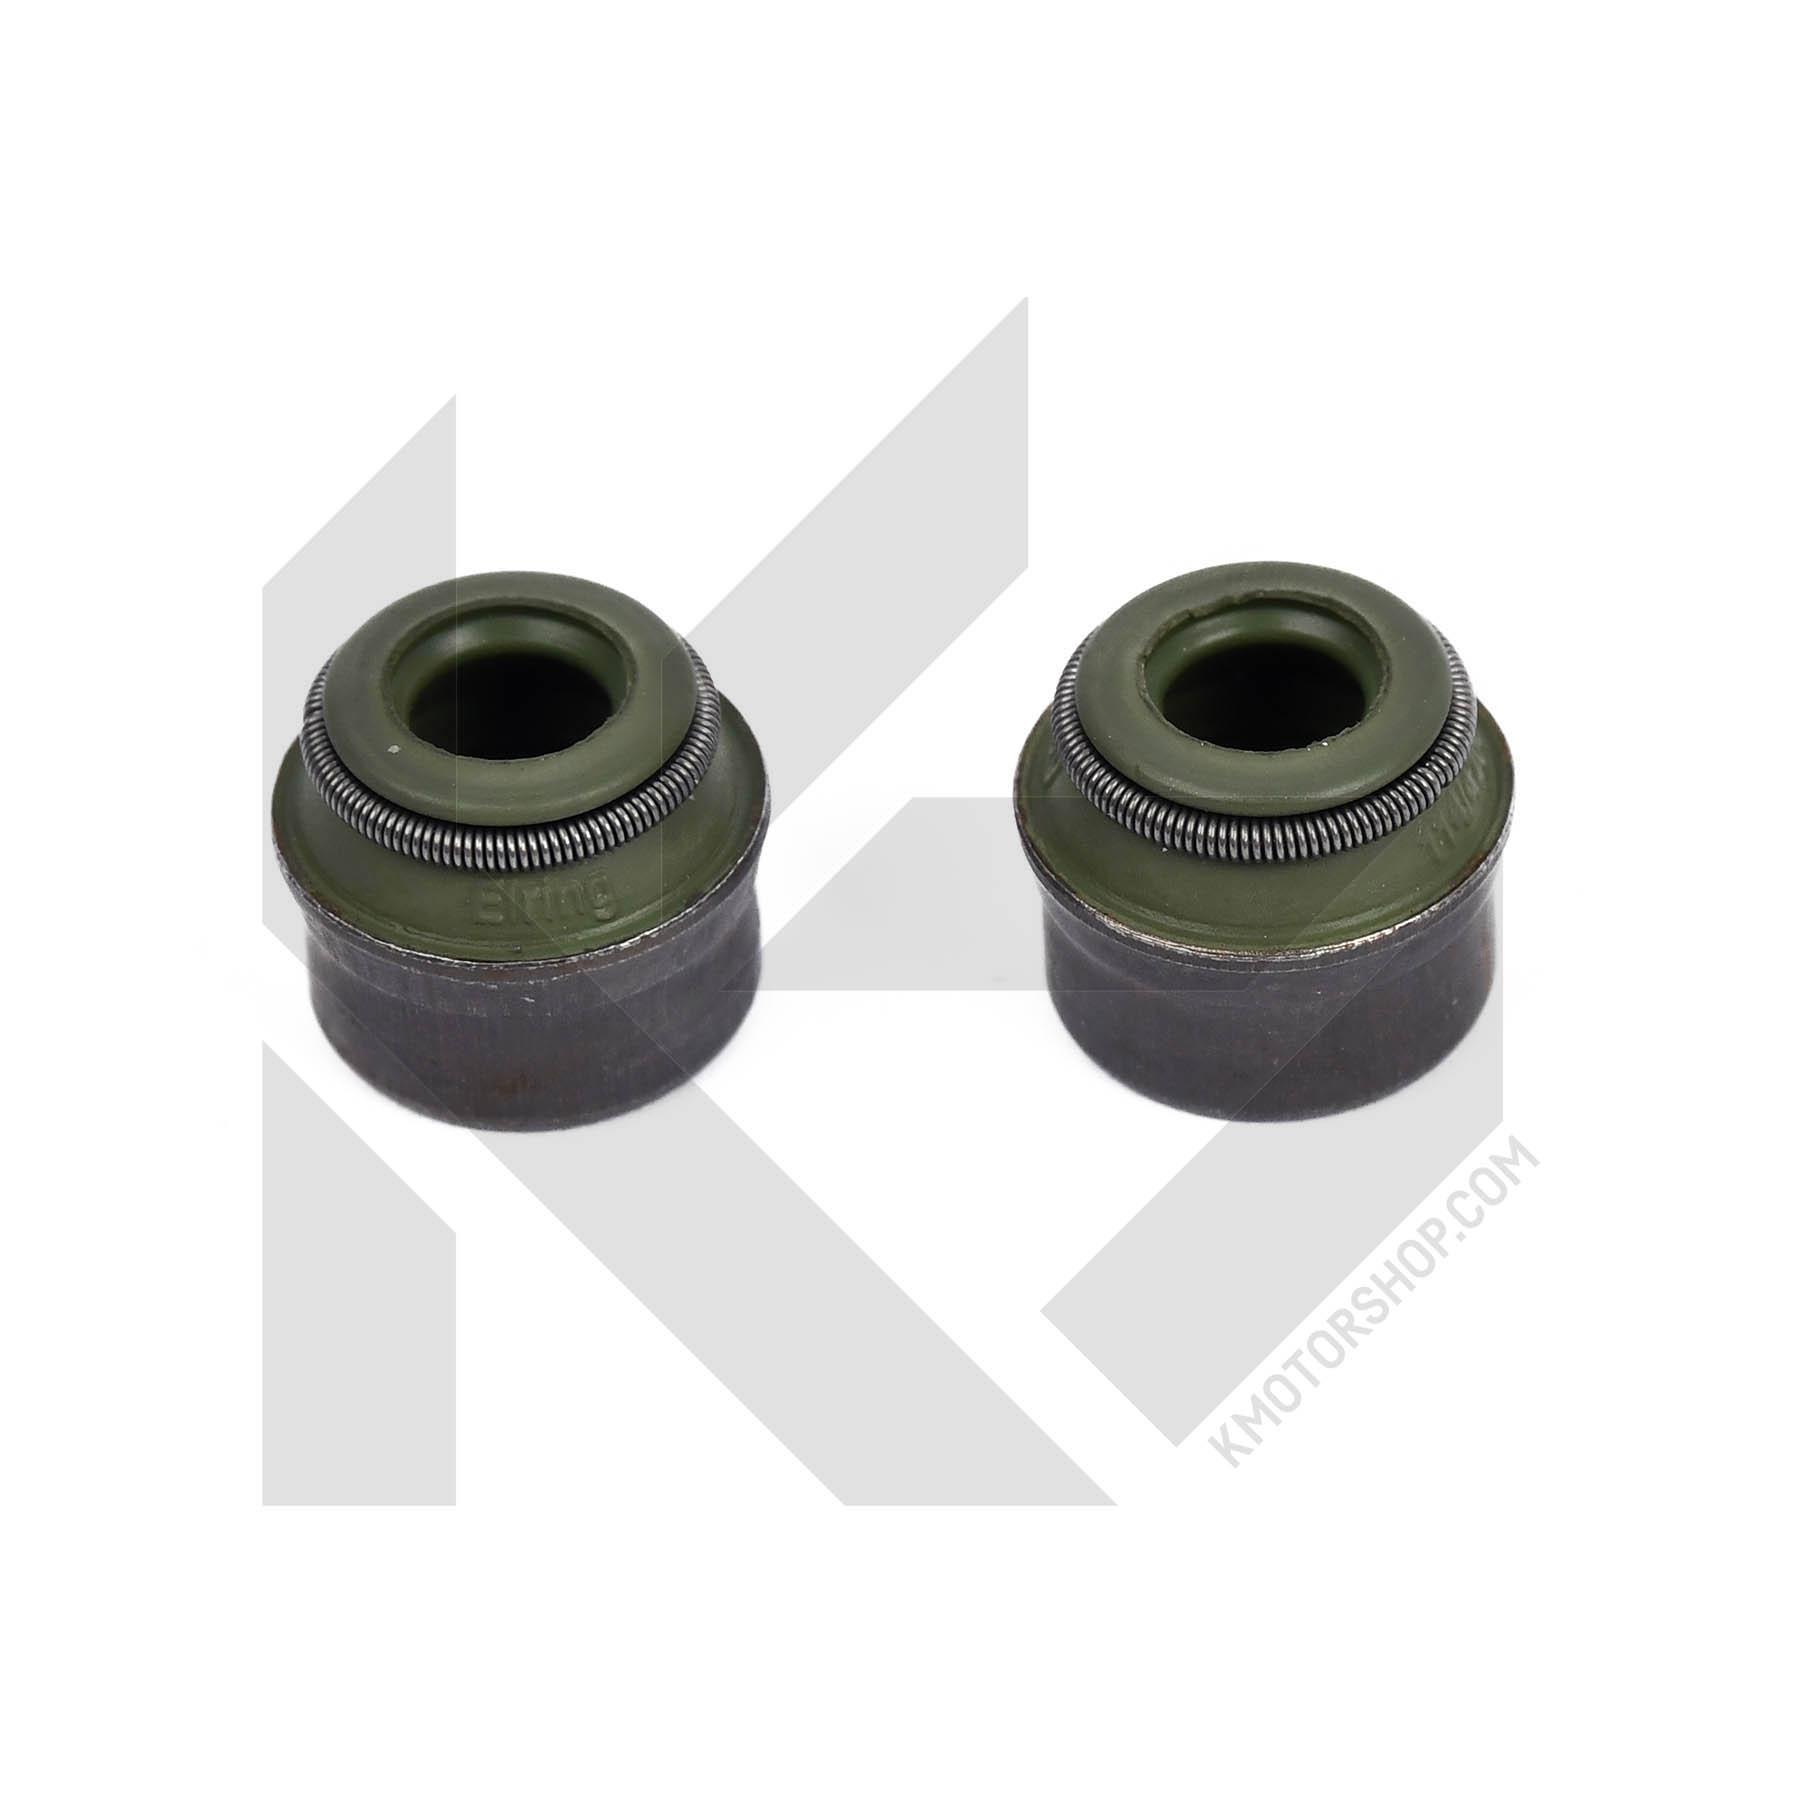 Exhaust Manifold Gasket Seal FOR LEXUS IS II 200d 220d 2.2 05-/>12 Diesel Elring